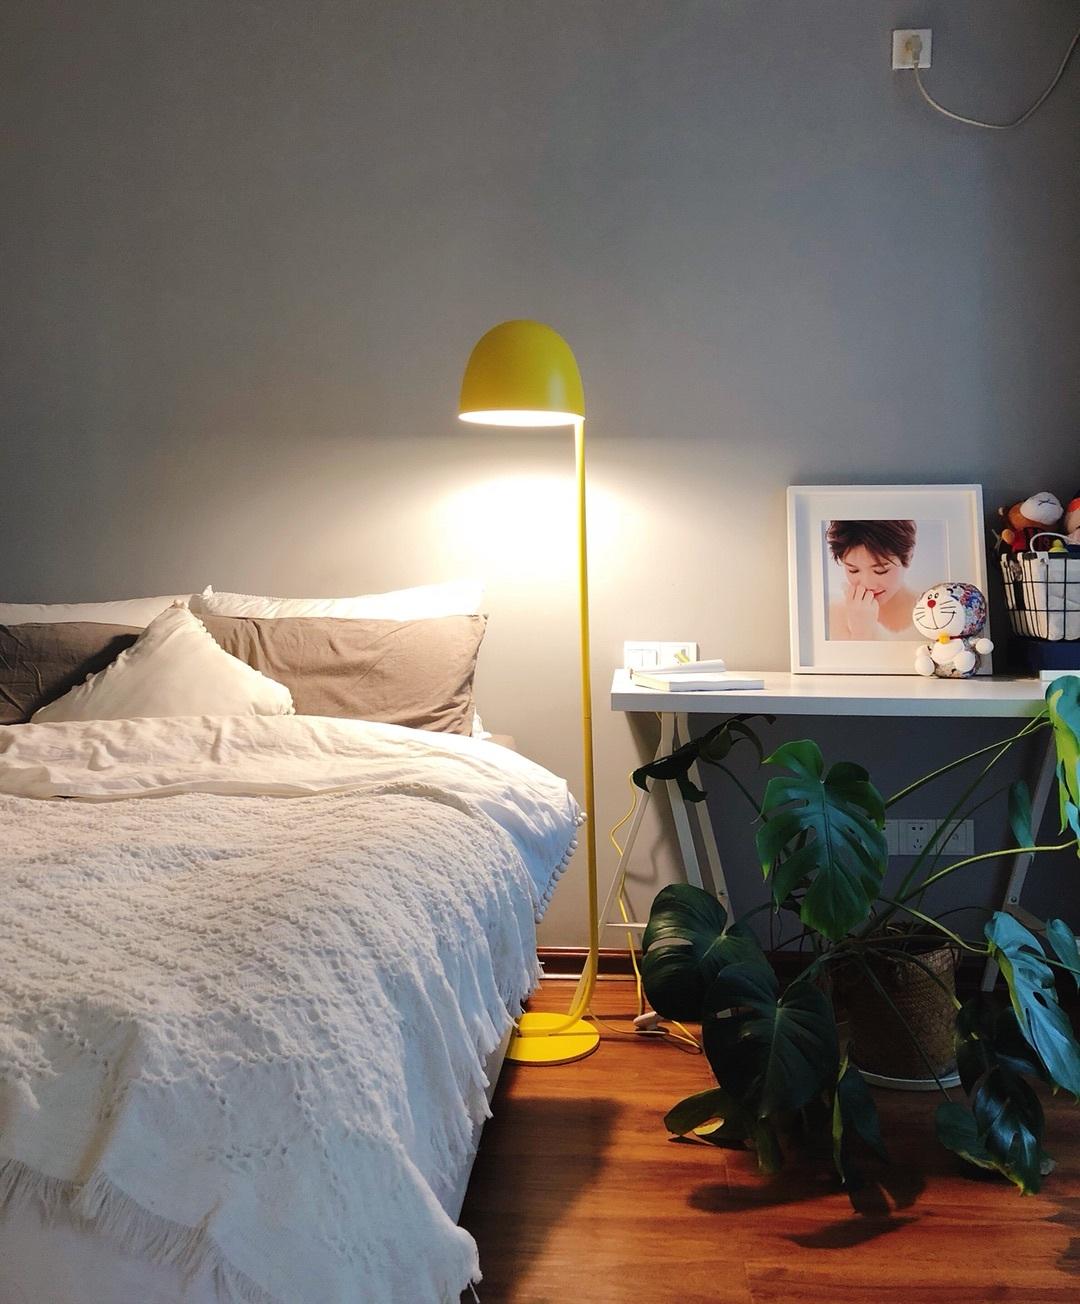 黄黄对造作水母地灯®发布的晒单效果图及评价